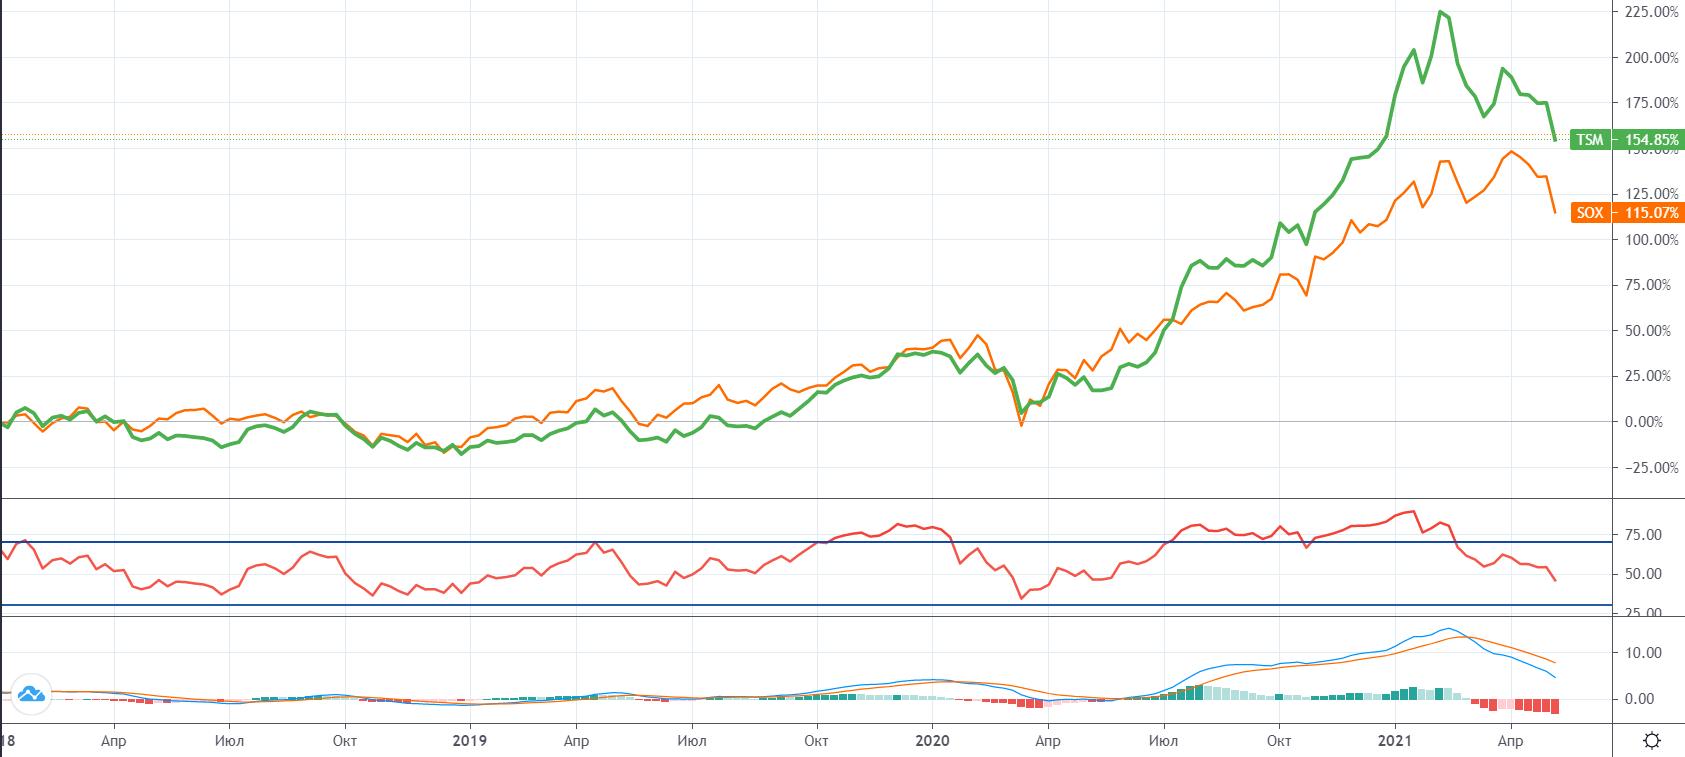 Что сейчас происходит с TSMC. Почему акции падают с февраля